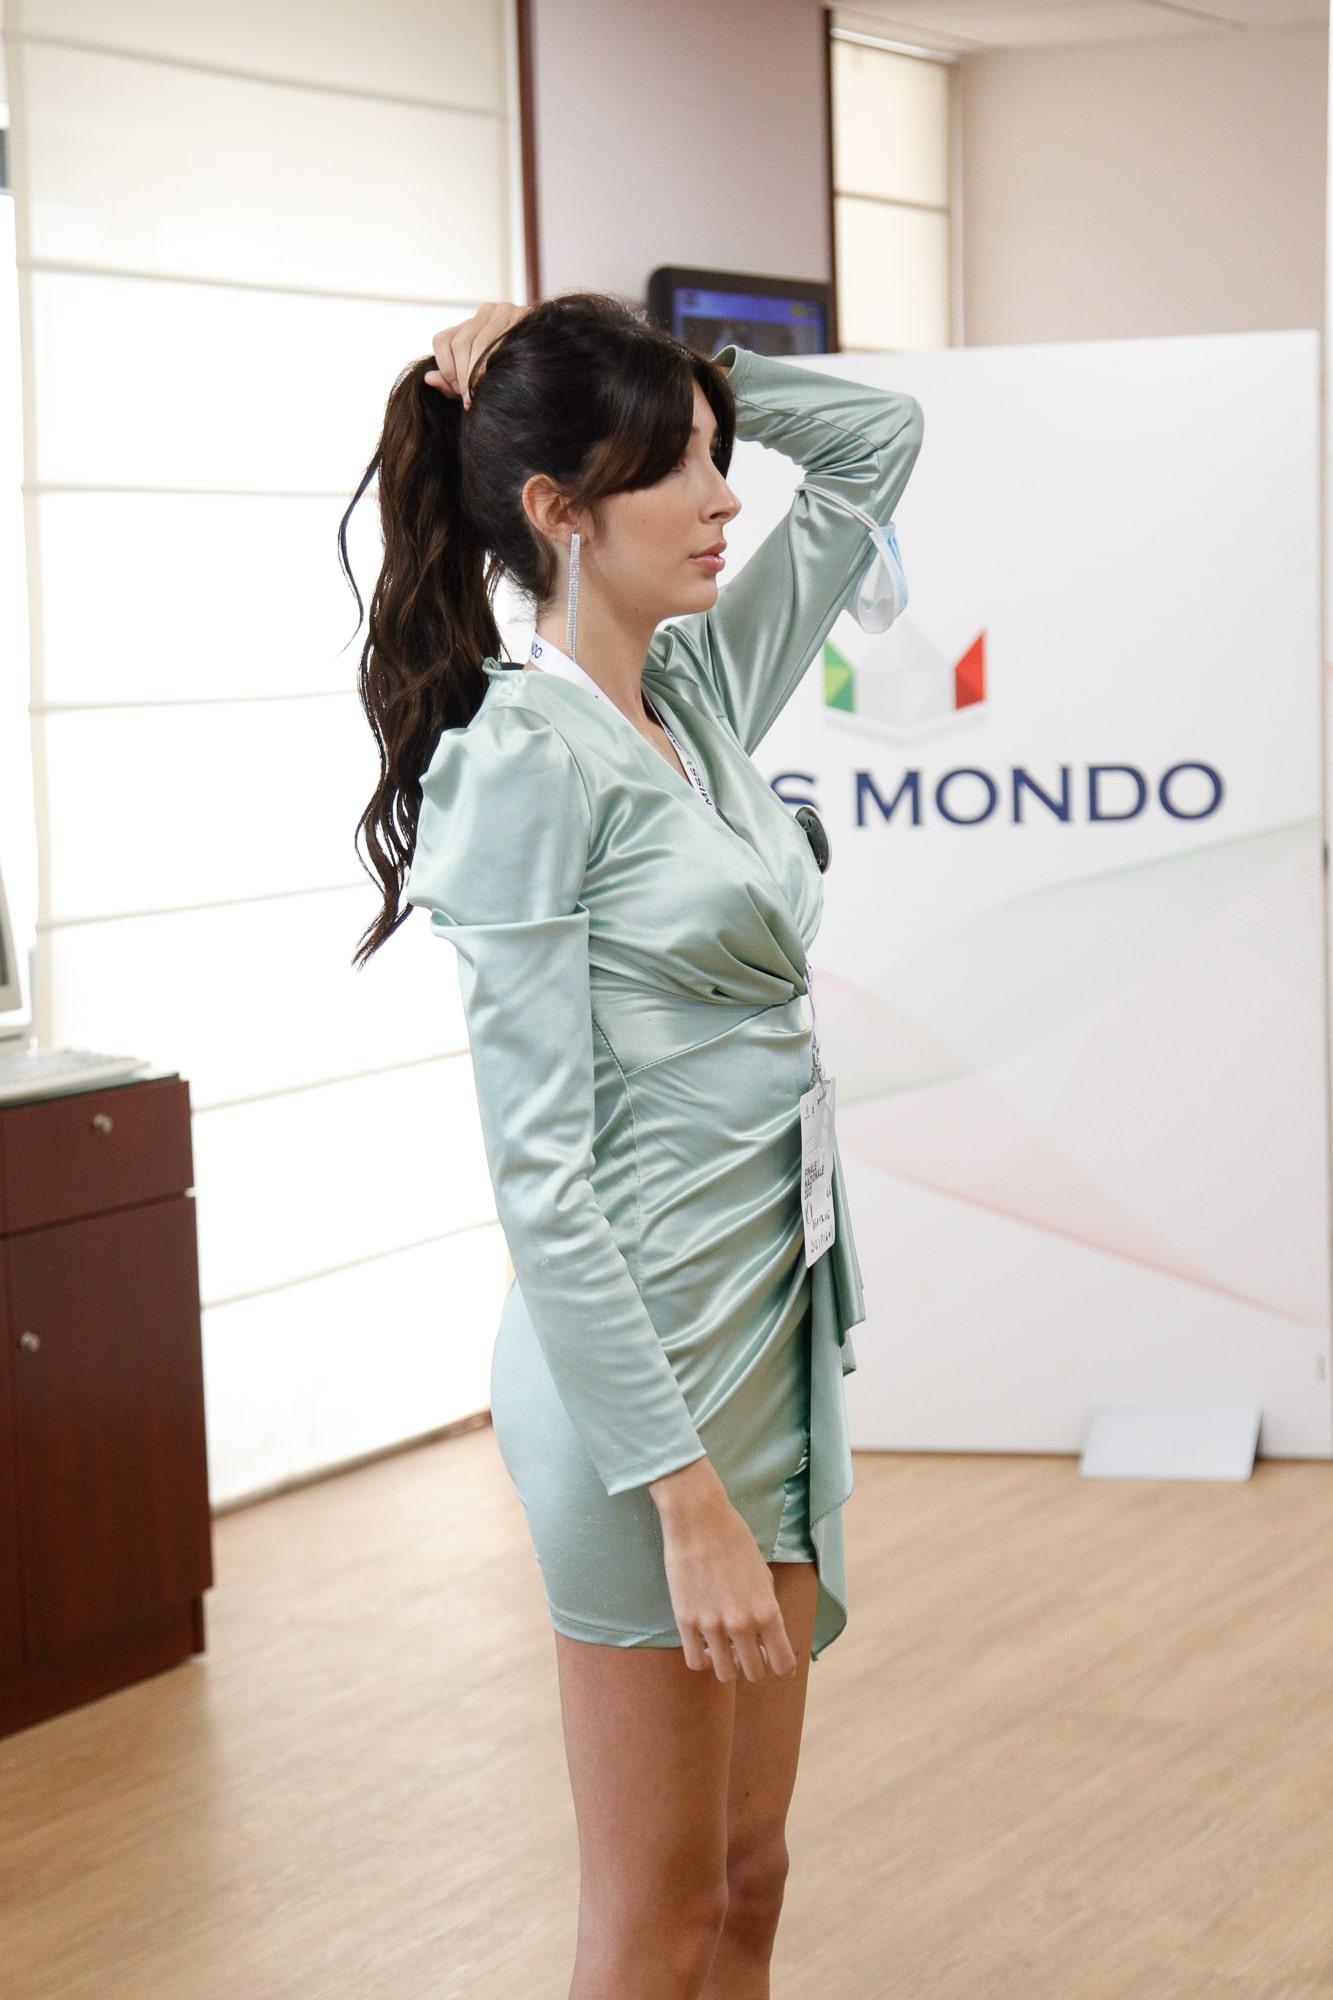 Secondo passaggio giuria per le ragazze di Missmondo Italia 2021 - 22